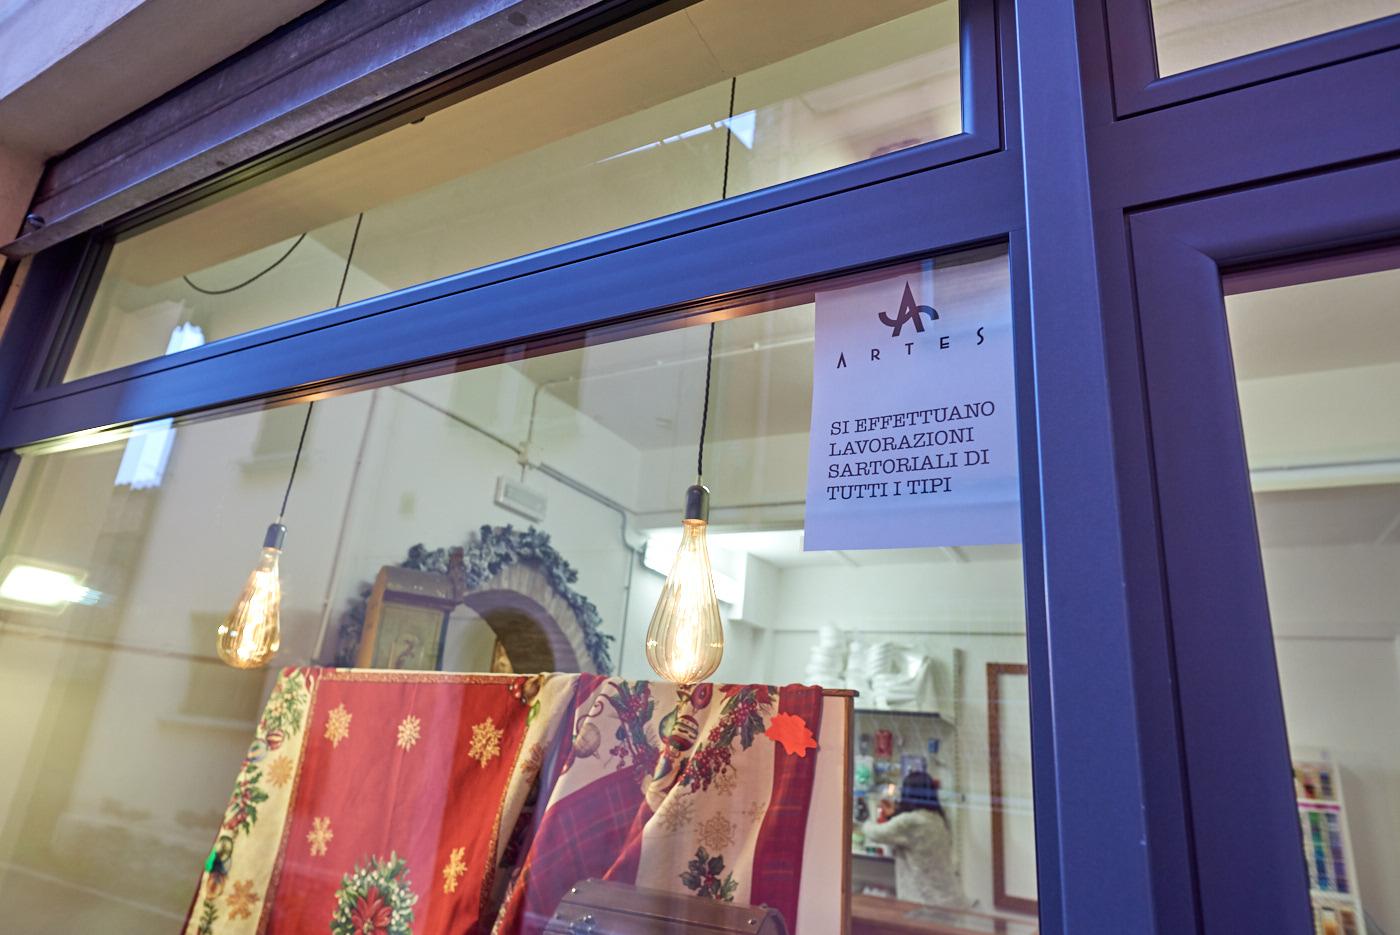 ARTES negozio5551.jpg